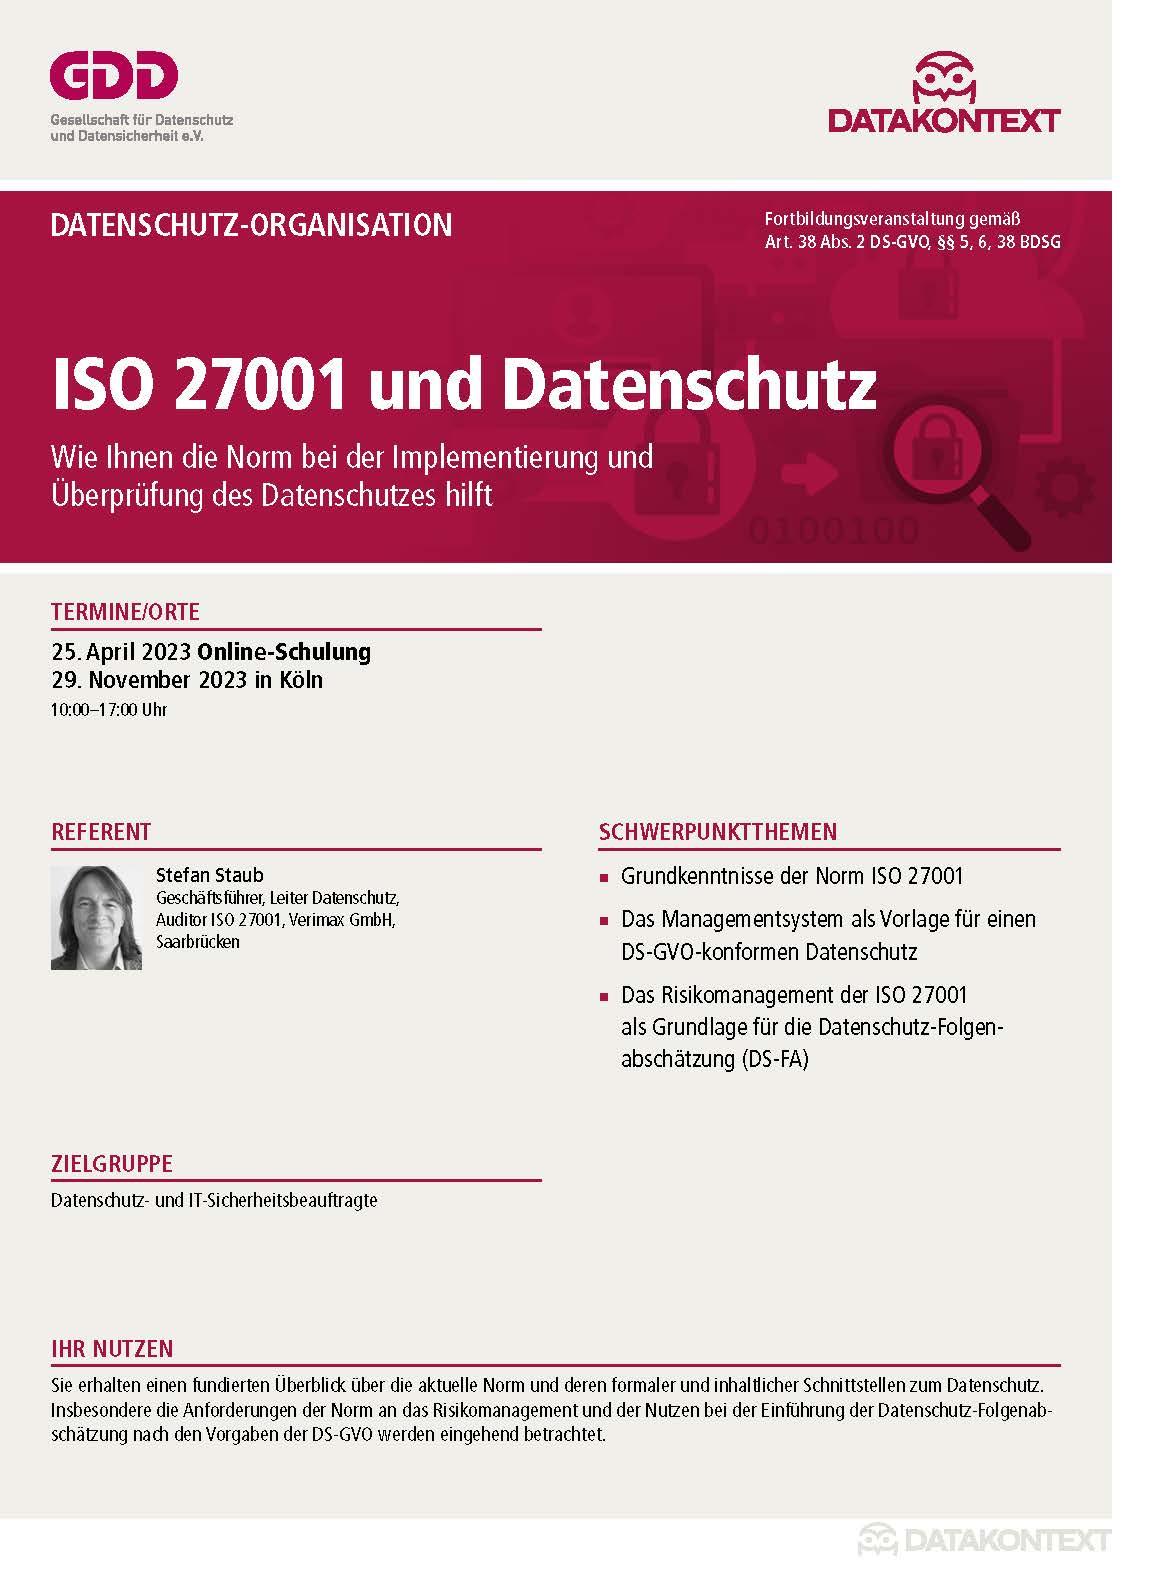 ISO 27001 und Datenschutz